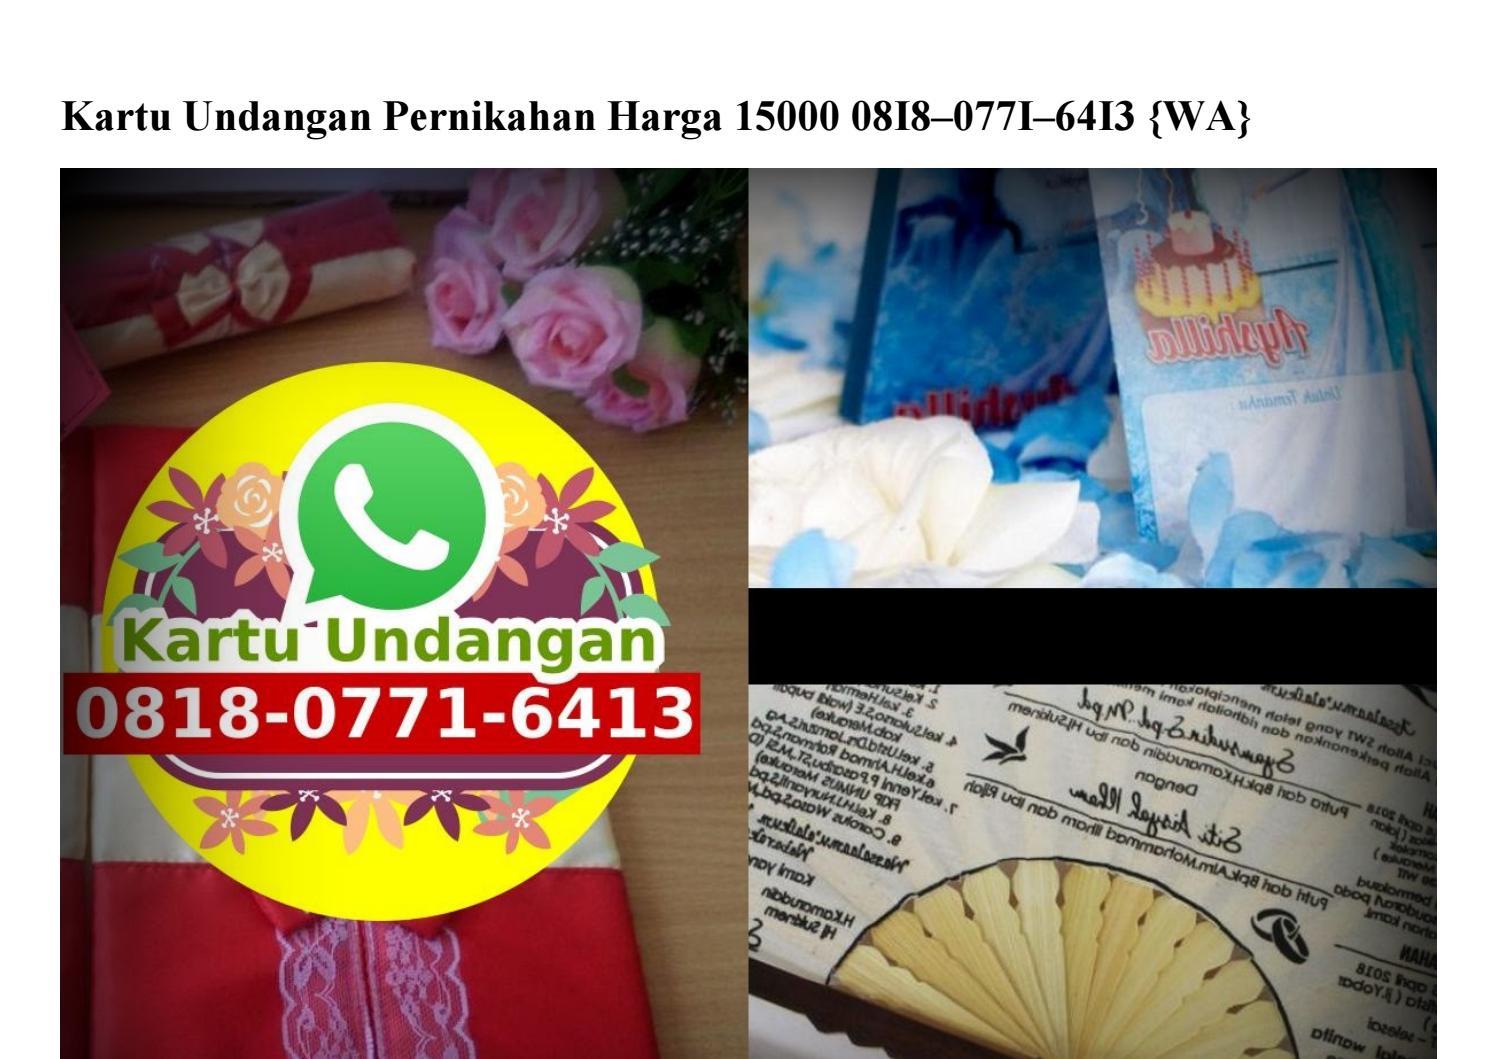 Kartu Undangan Pernikahan Harga 15000 0818 0771 6413 Wa By Toko4vendormurah Issuu